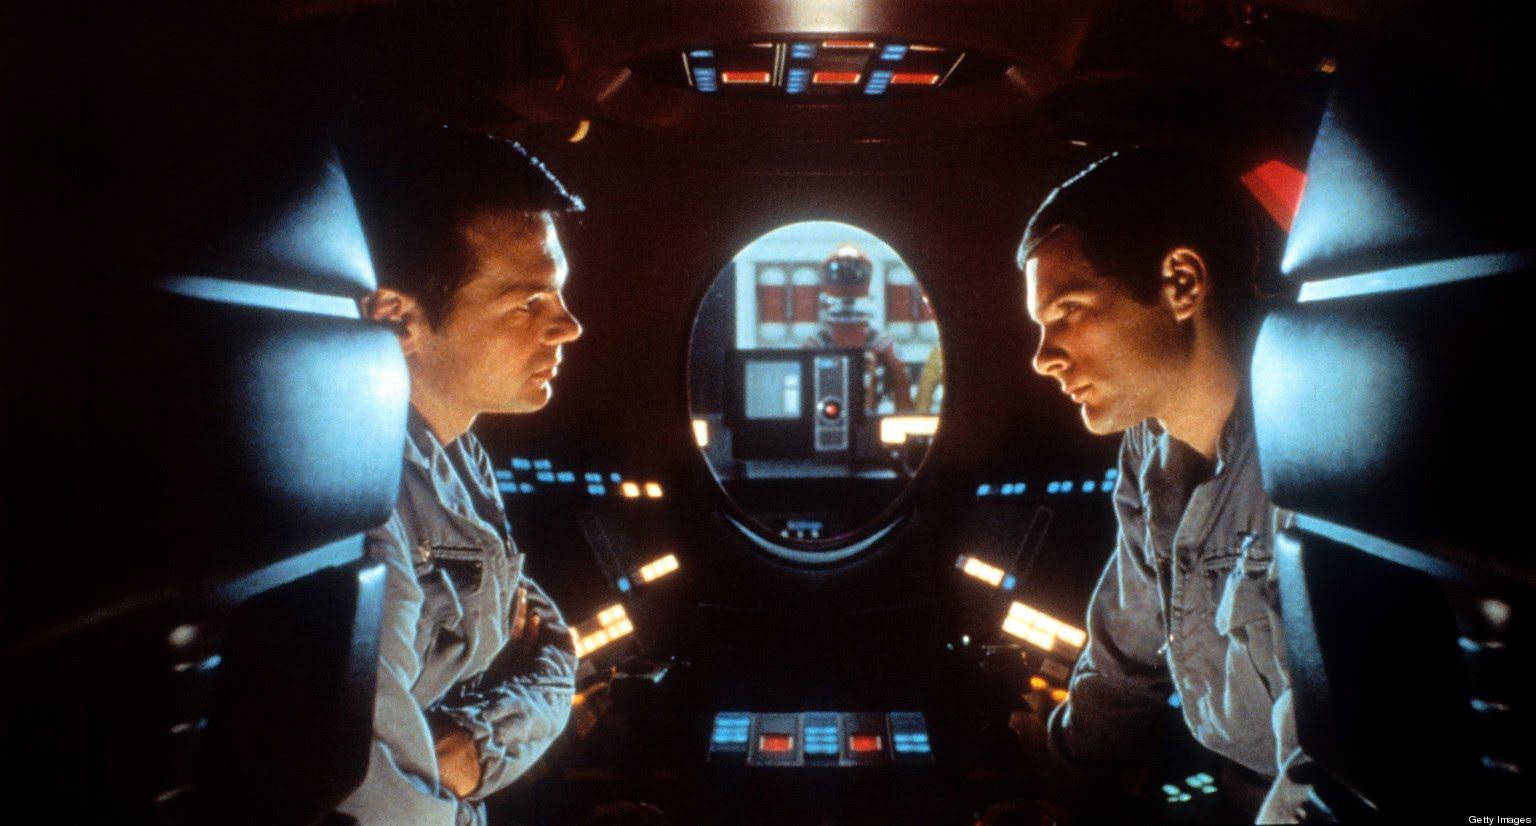 Пока компьютеры неспособны читать по губам столь же хорошо, как HAL 9000. Пока.